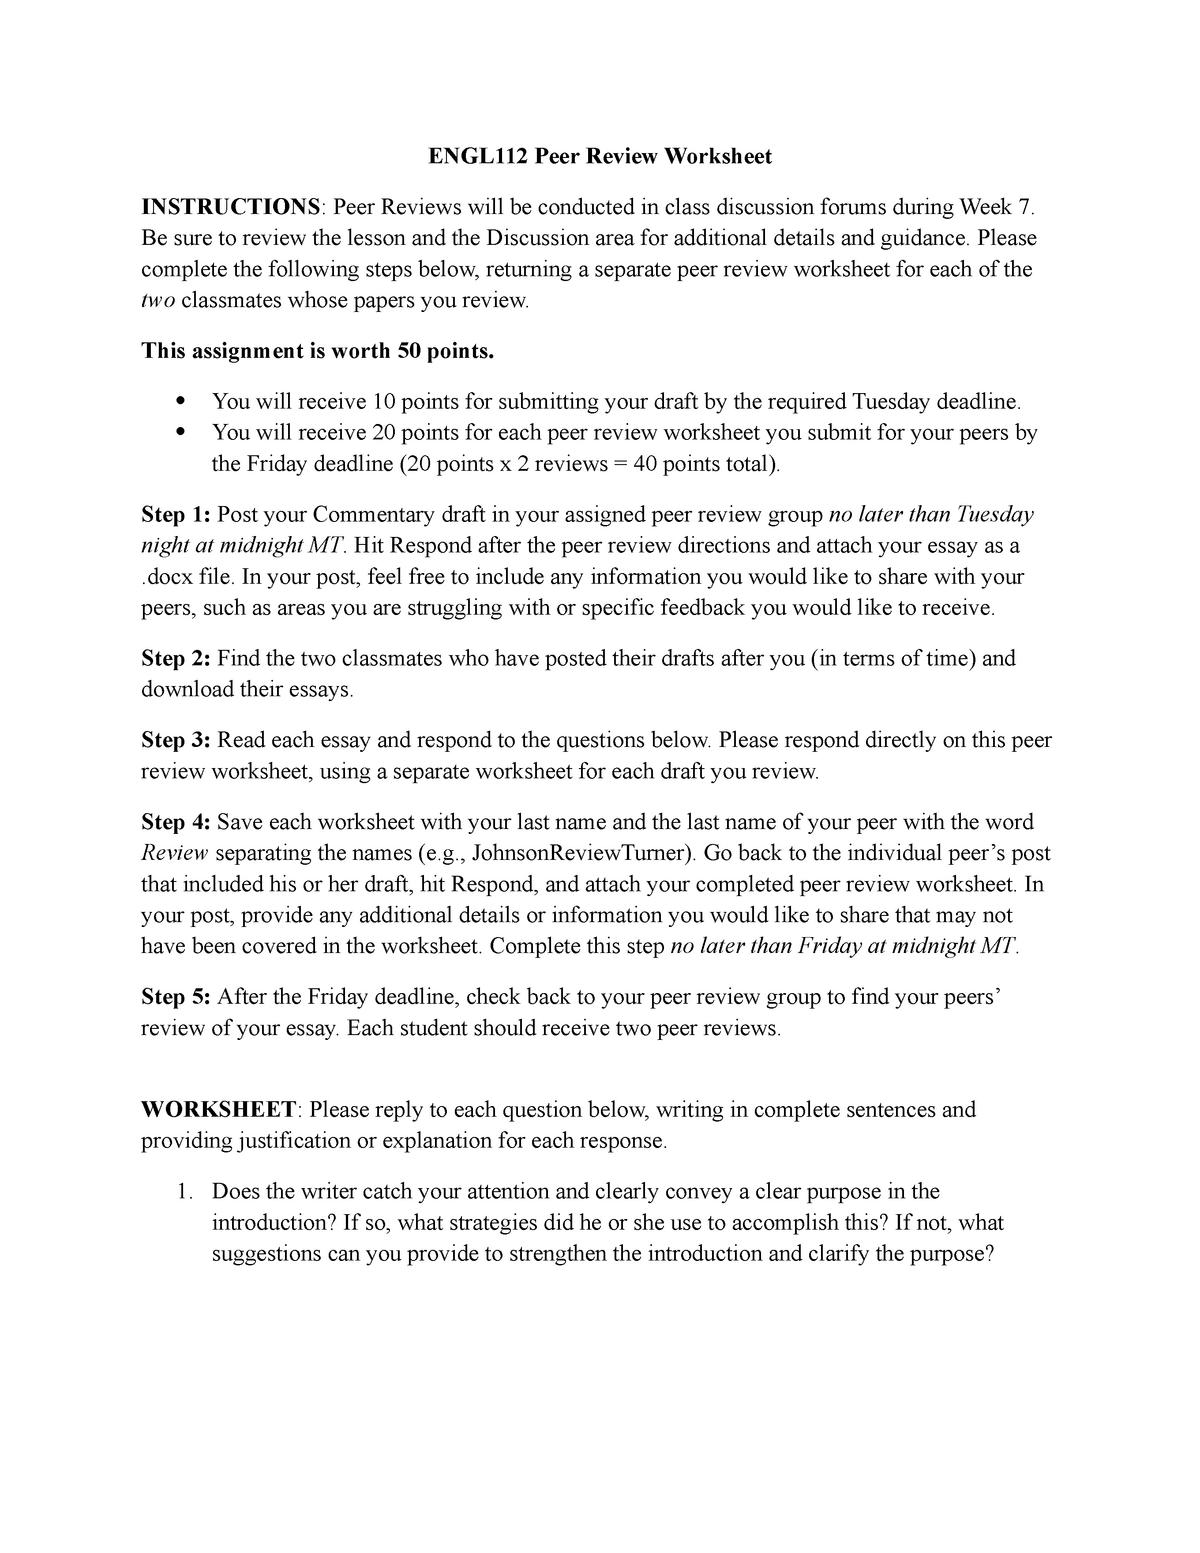 Week 7 ENGL 112 Peer Review Worksheet v2 - ENGL113